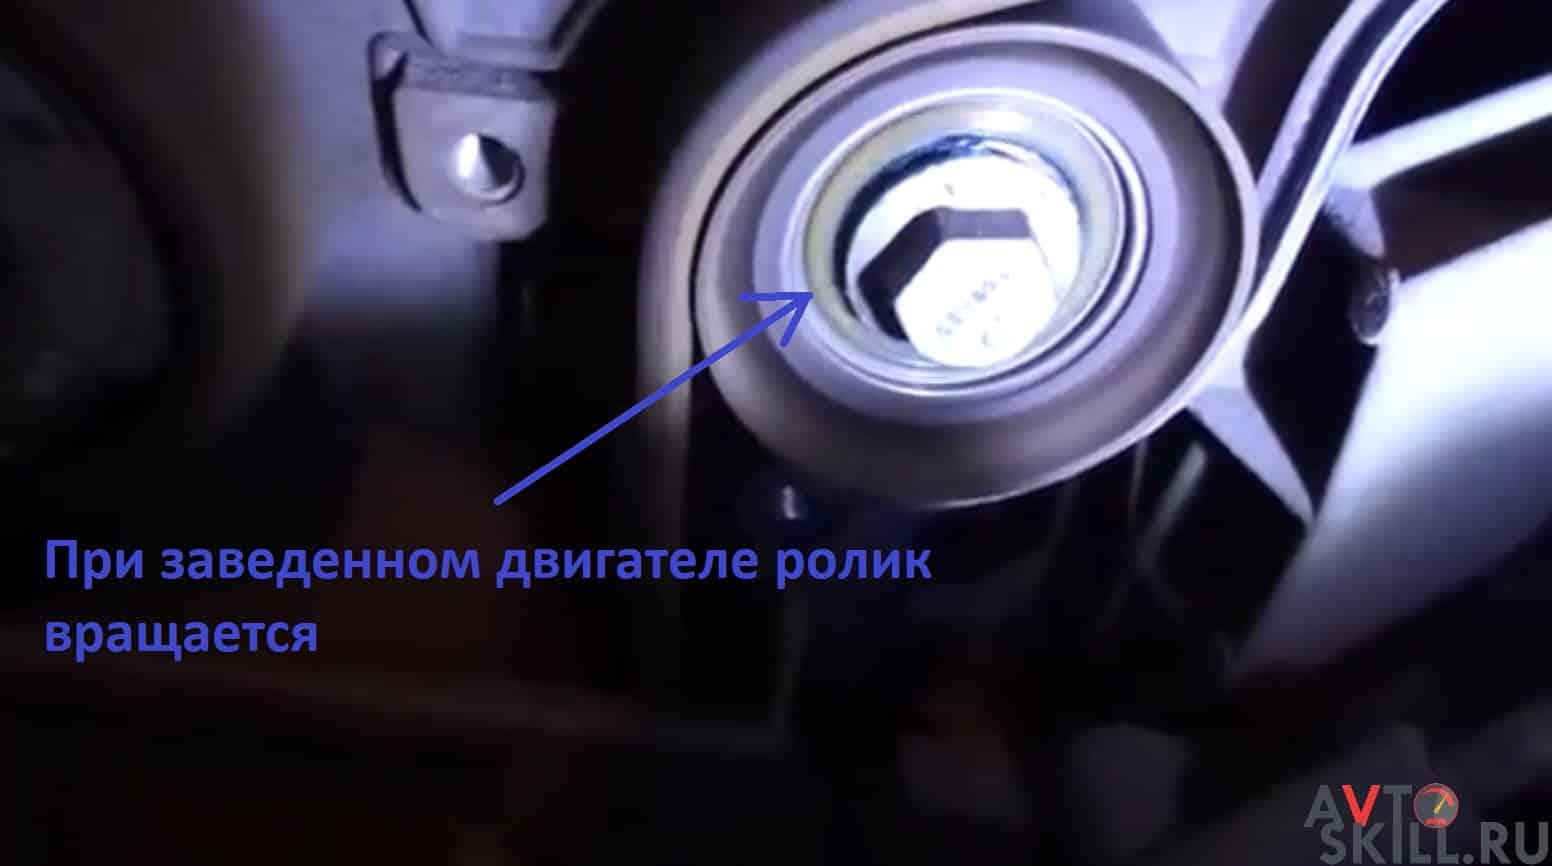 Как смазать ролик ГРМ, не снимая ремня | Как и чем смазать ролик ГРМ: пошаговая инструкция с фото и видео, обзор смазок